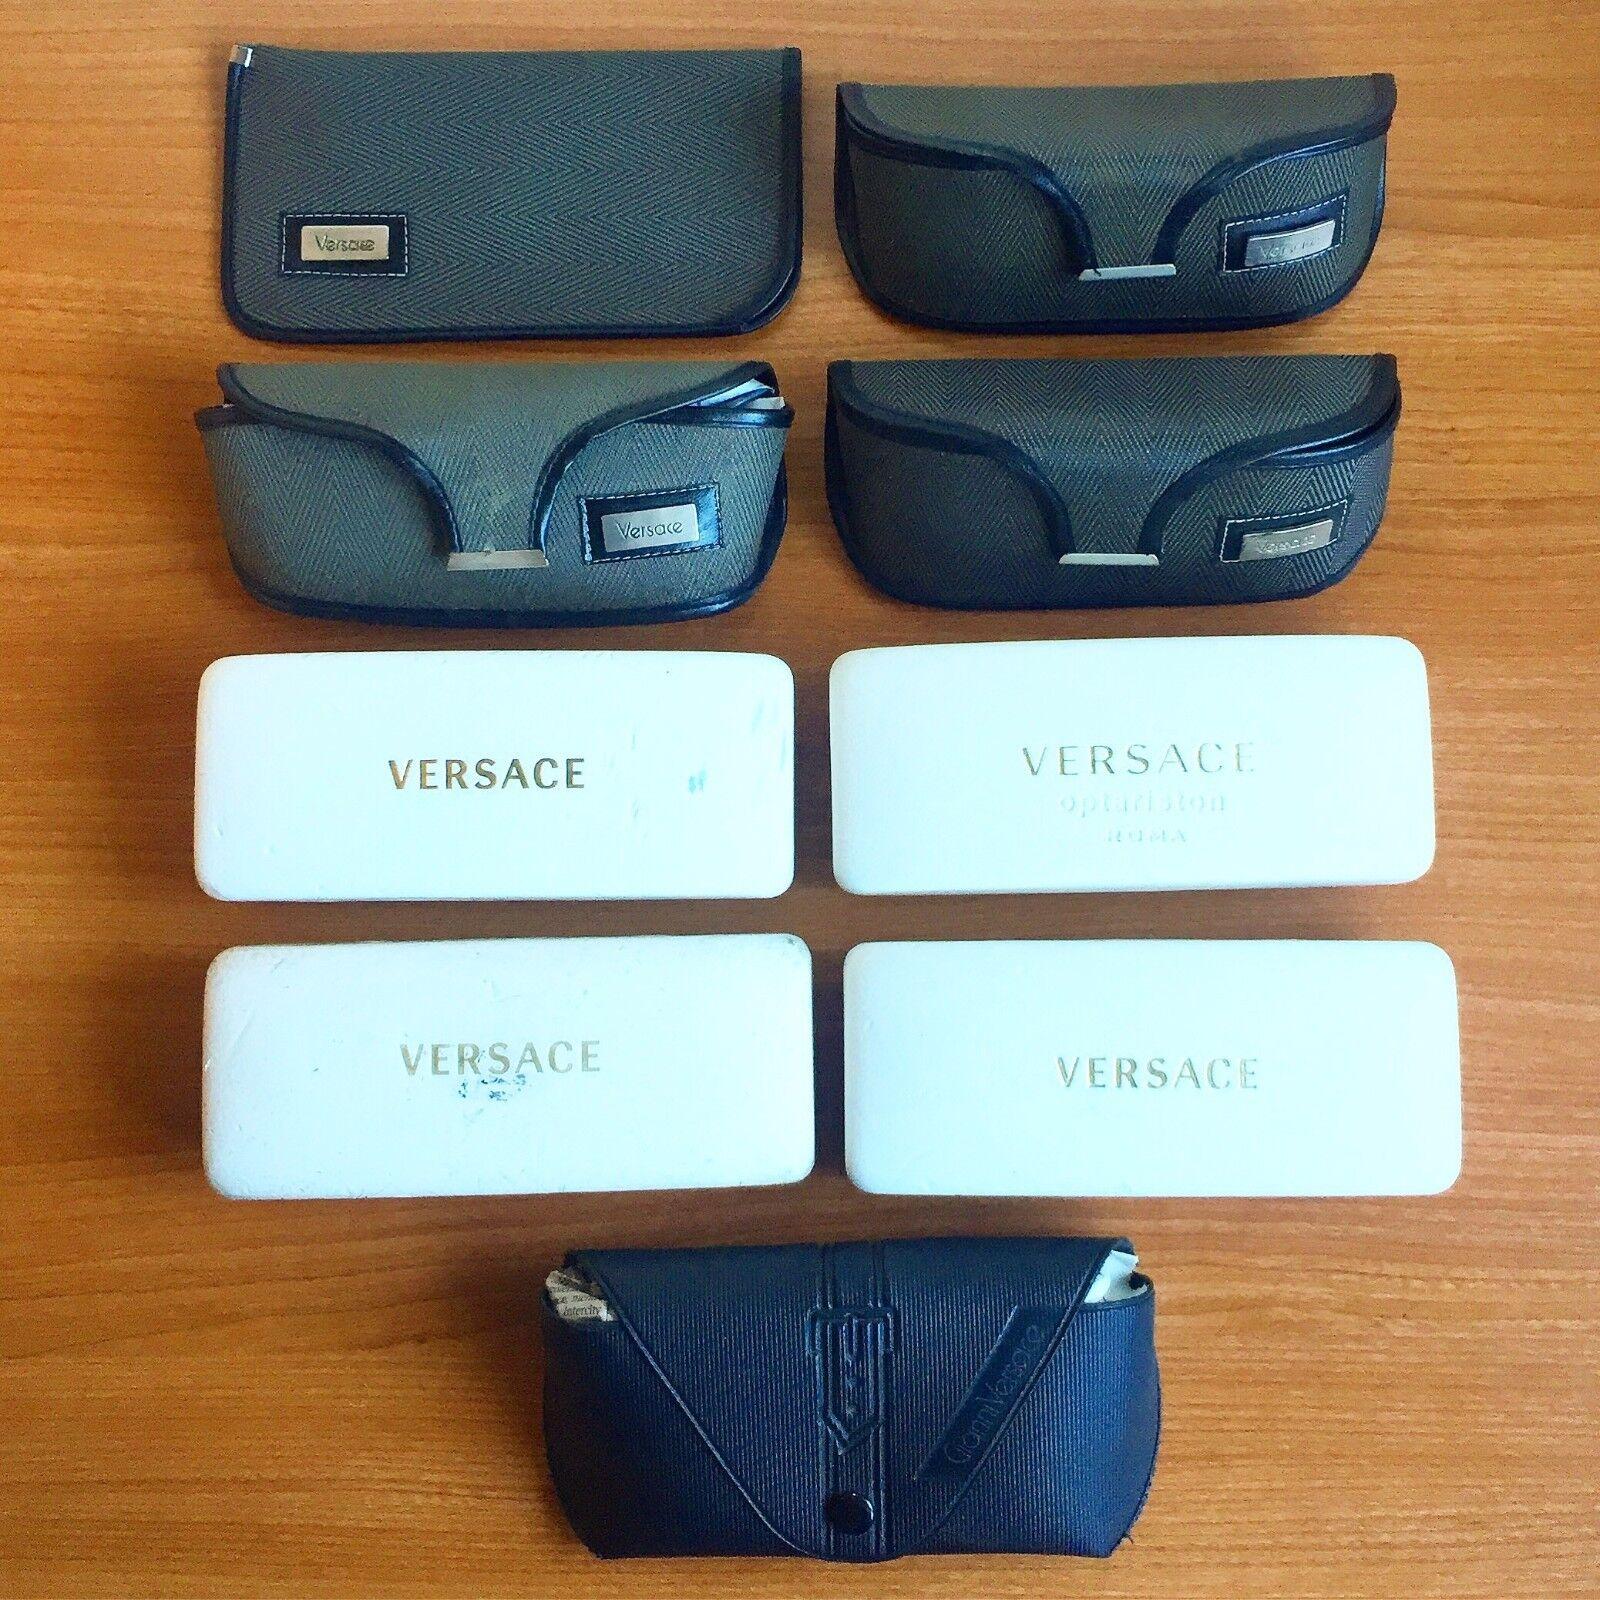 Scabbard Sunglasses VERSACE CASE Box Sunglasses Pouch Case Vintage-show original title